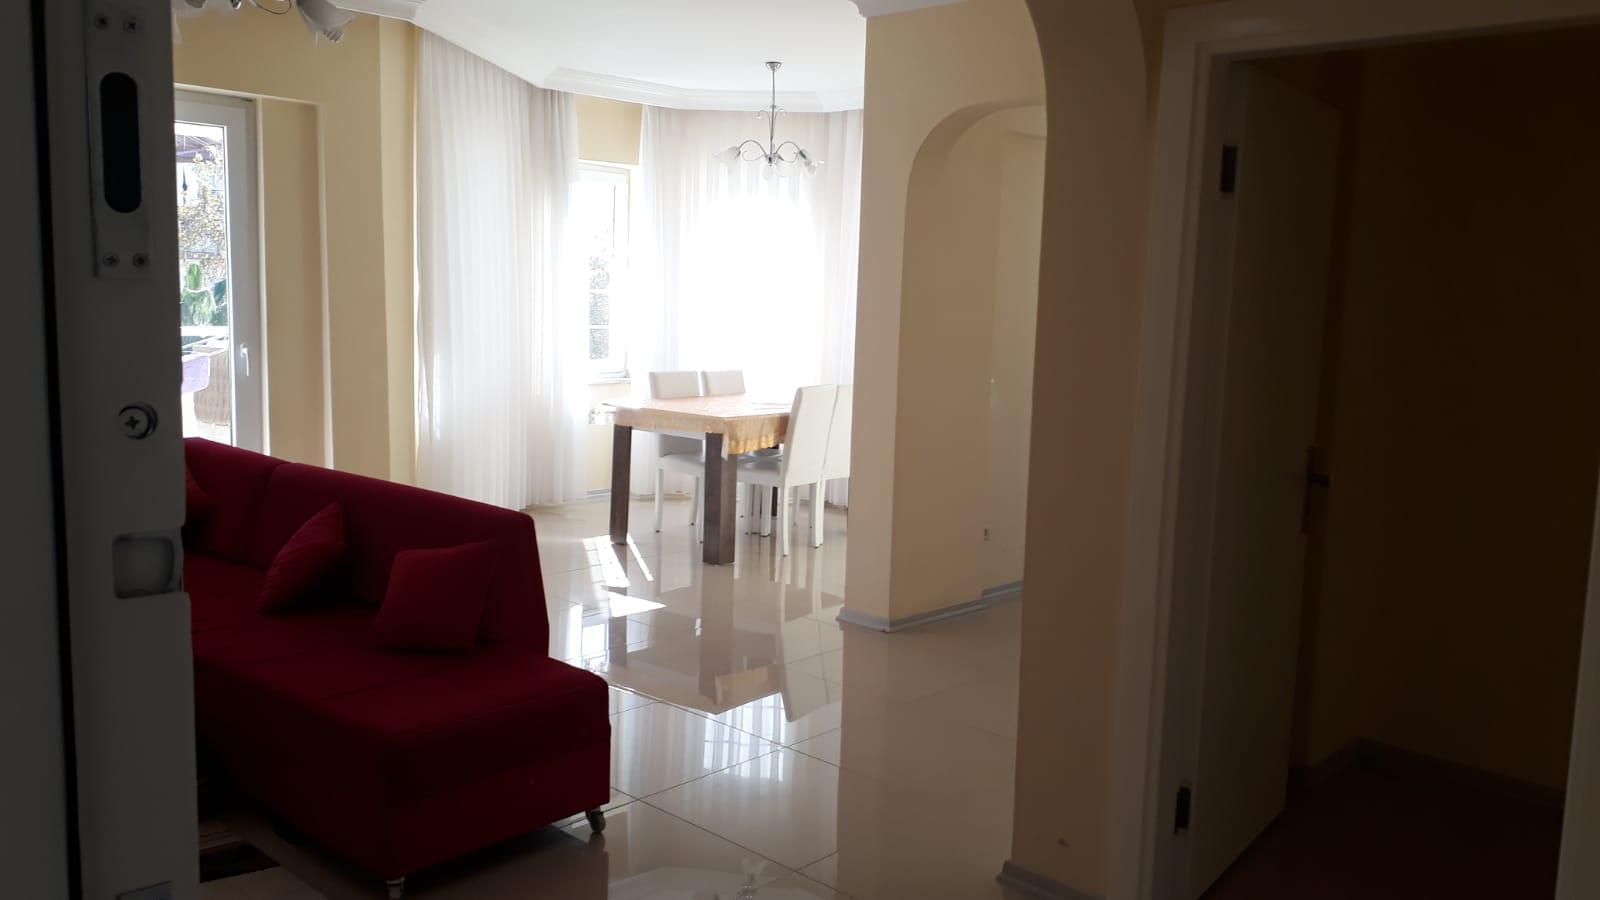 Меблированная квартира 2+1 недалеко от моря